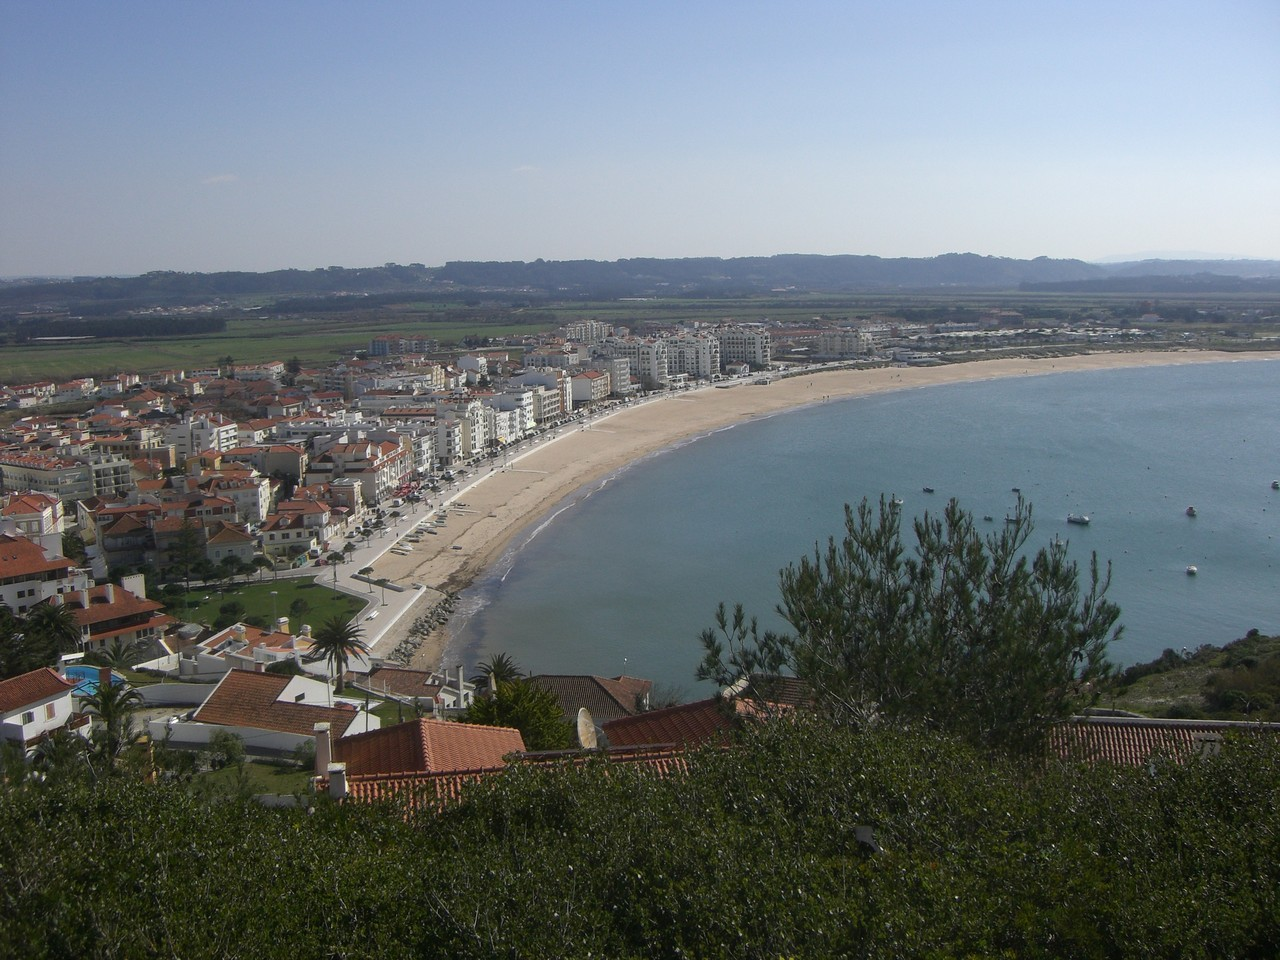 Der Strand von Sao Martinho do Porto, Ferienwohnung in Portugal mieten